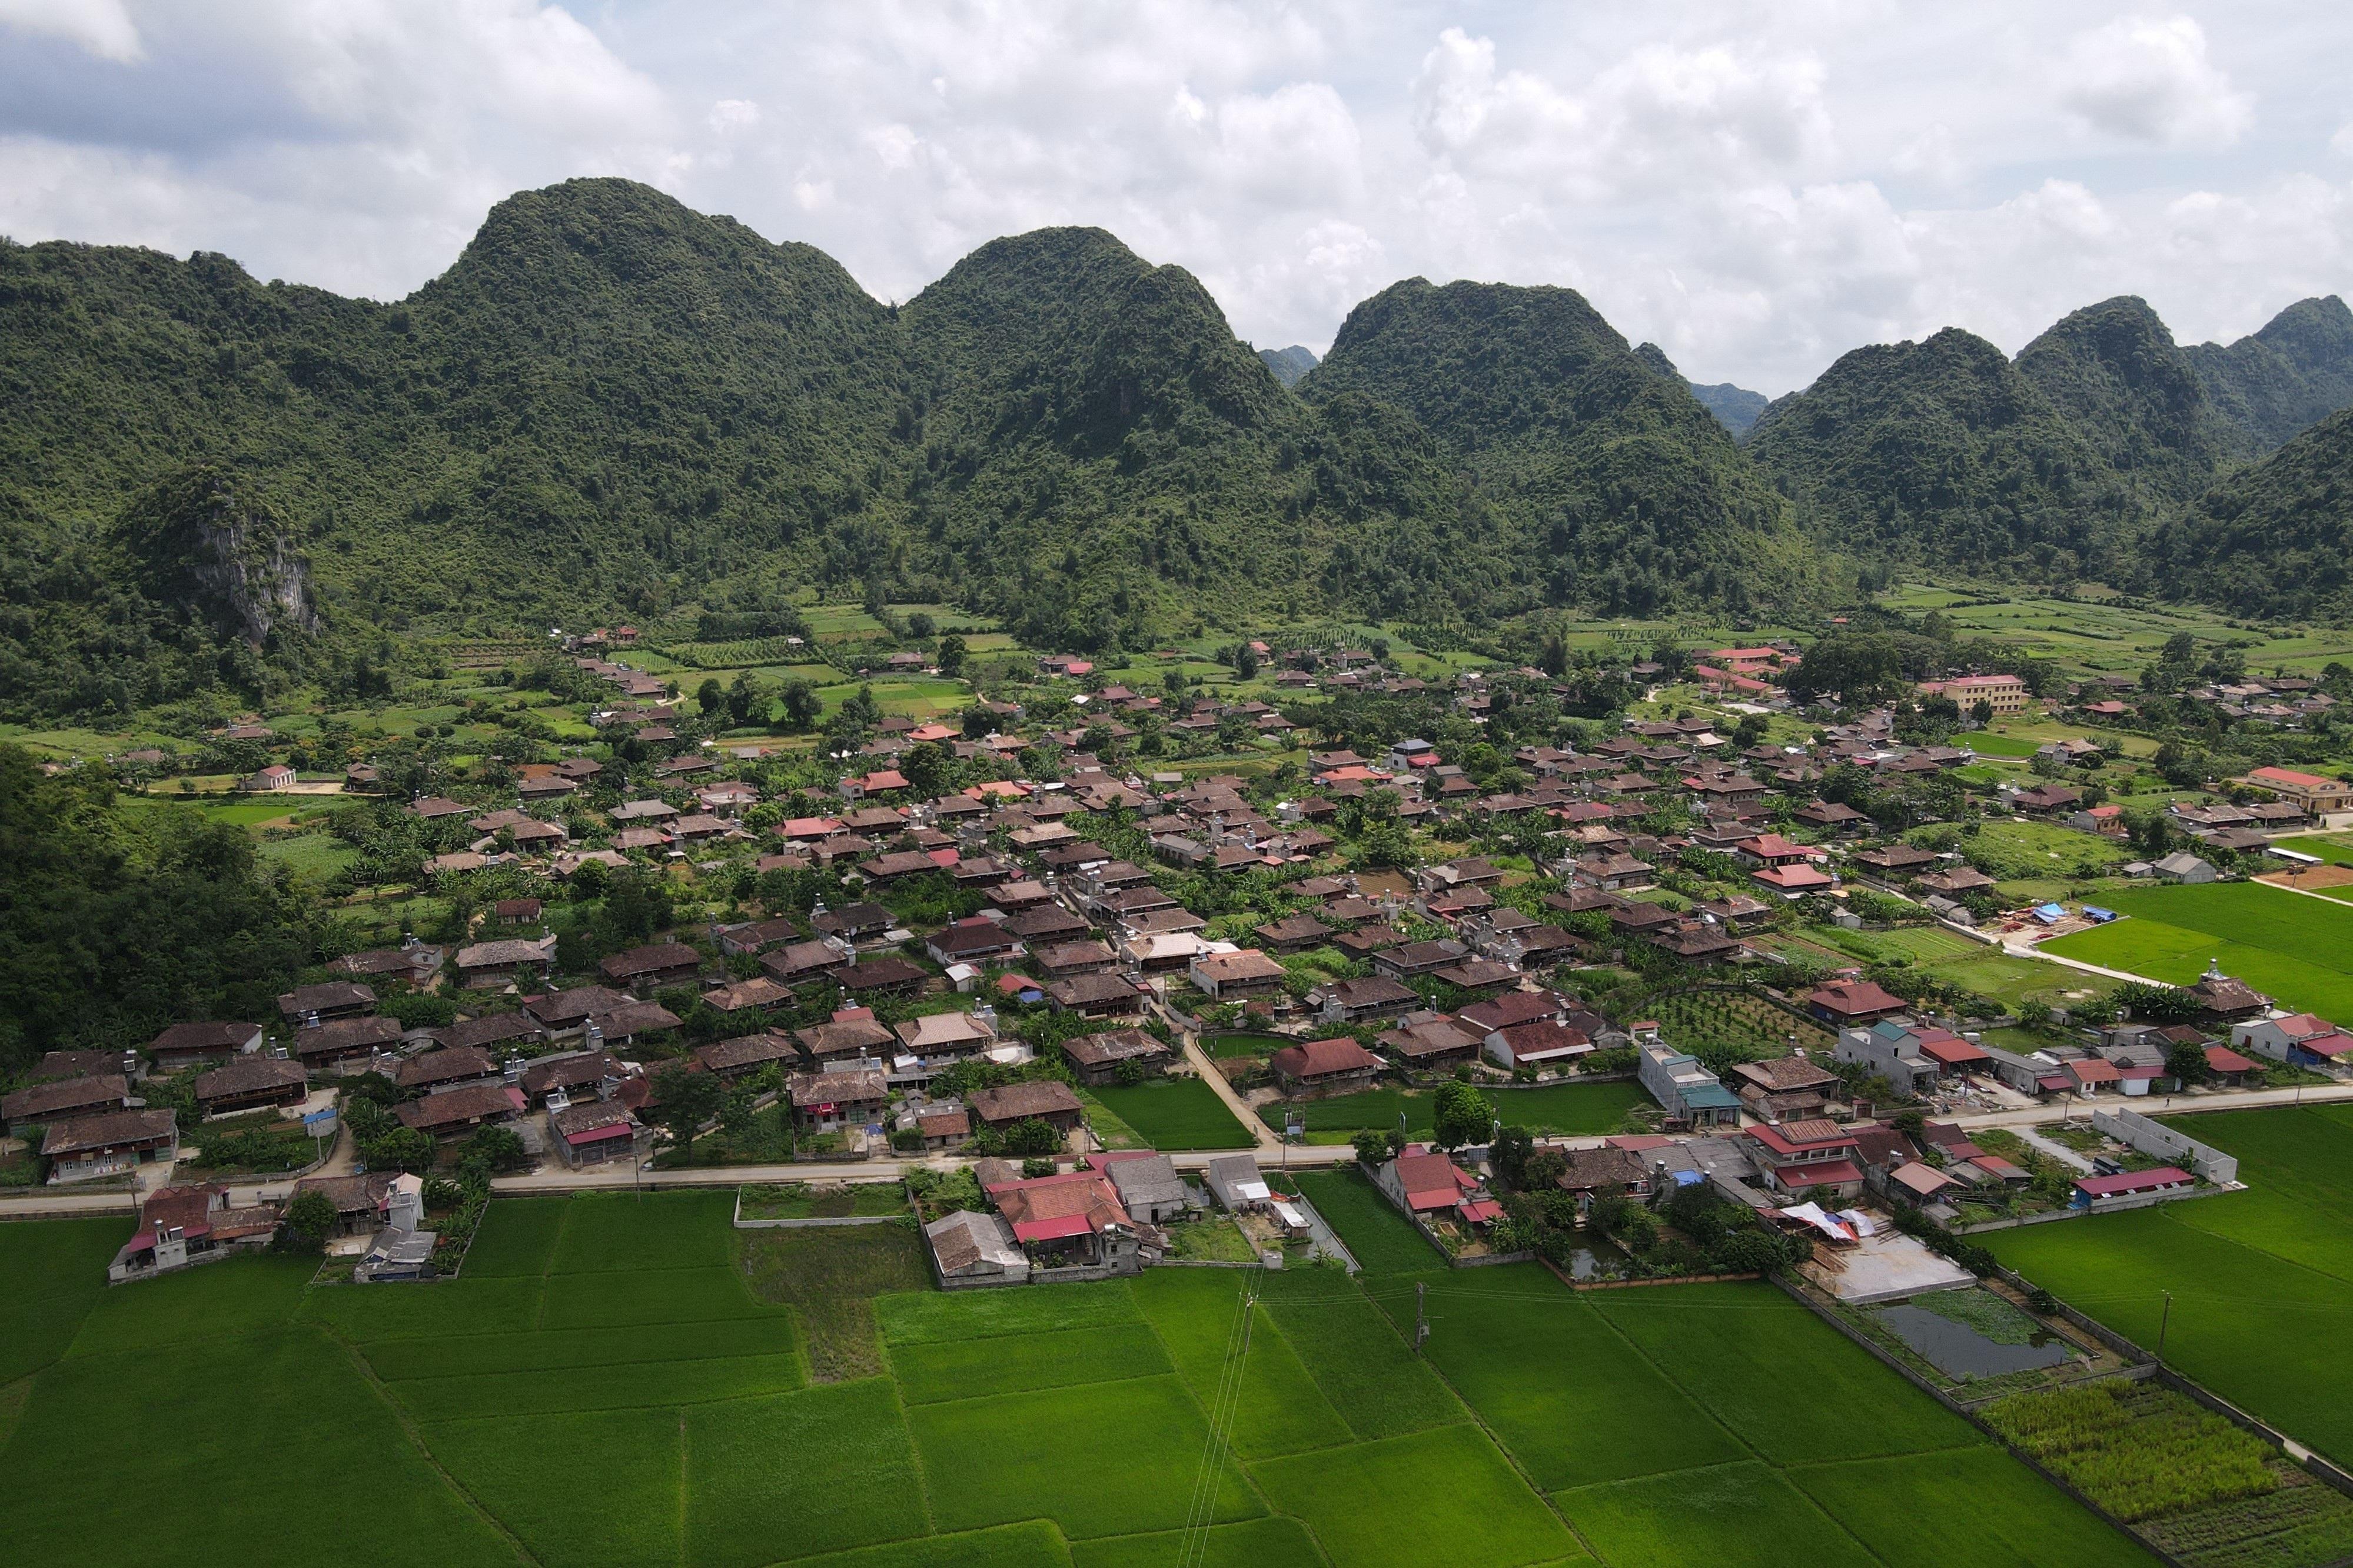 Khám phá ngôi làng có hơn 400 nóc nhà sàn tại thung lũng mây Bắc Sơn - 17